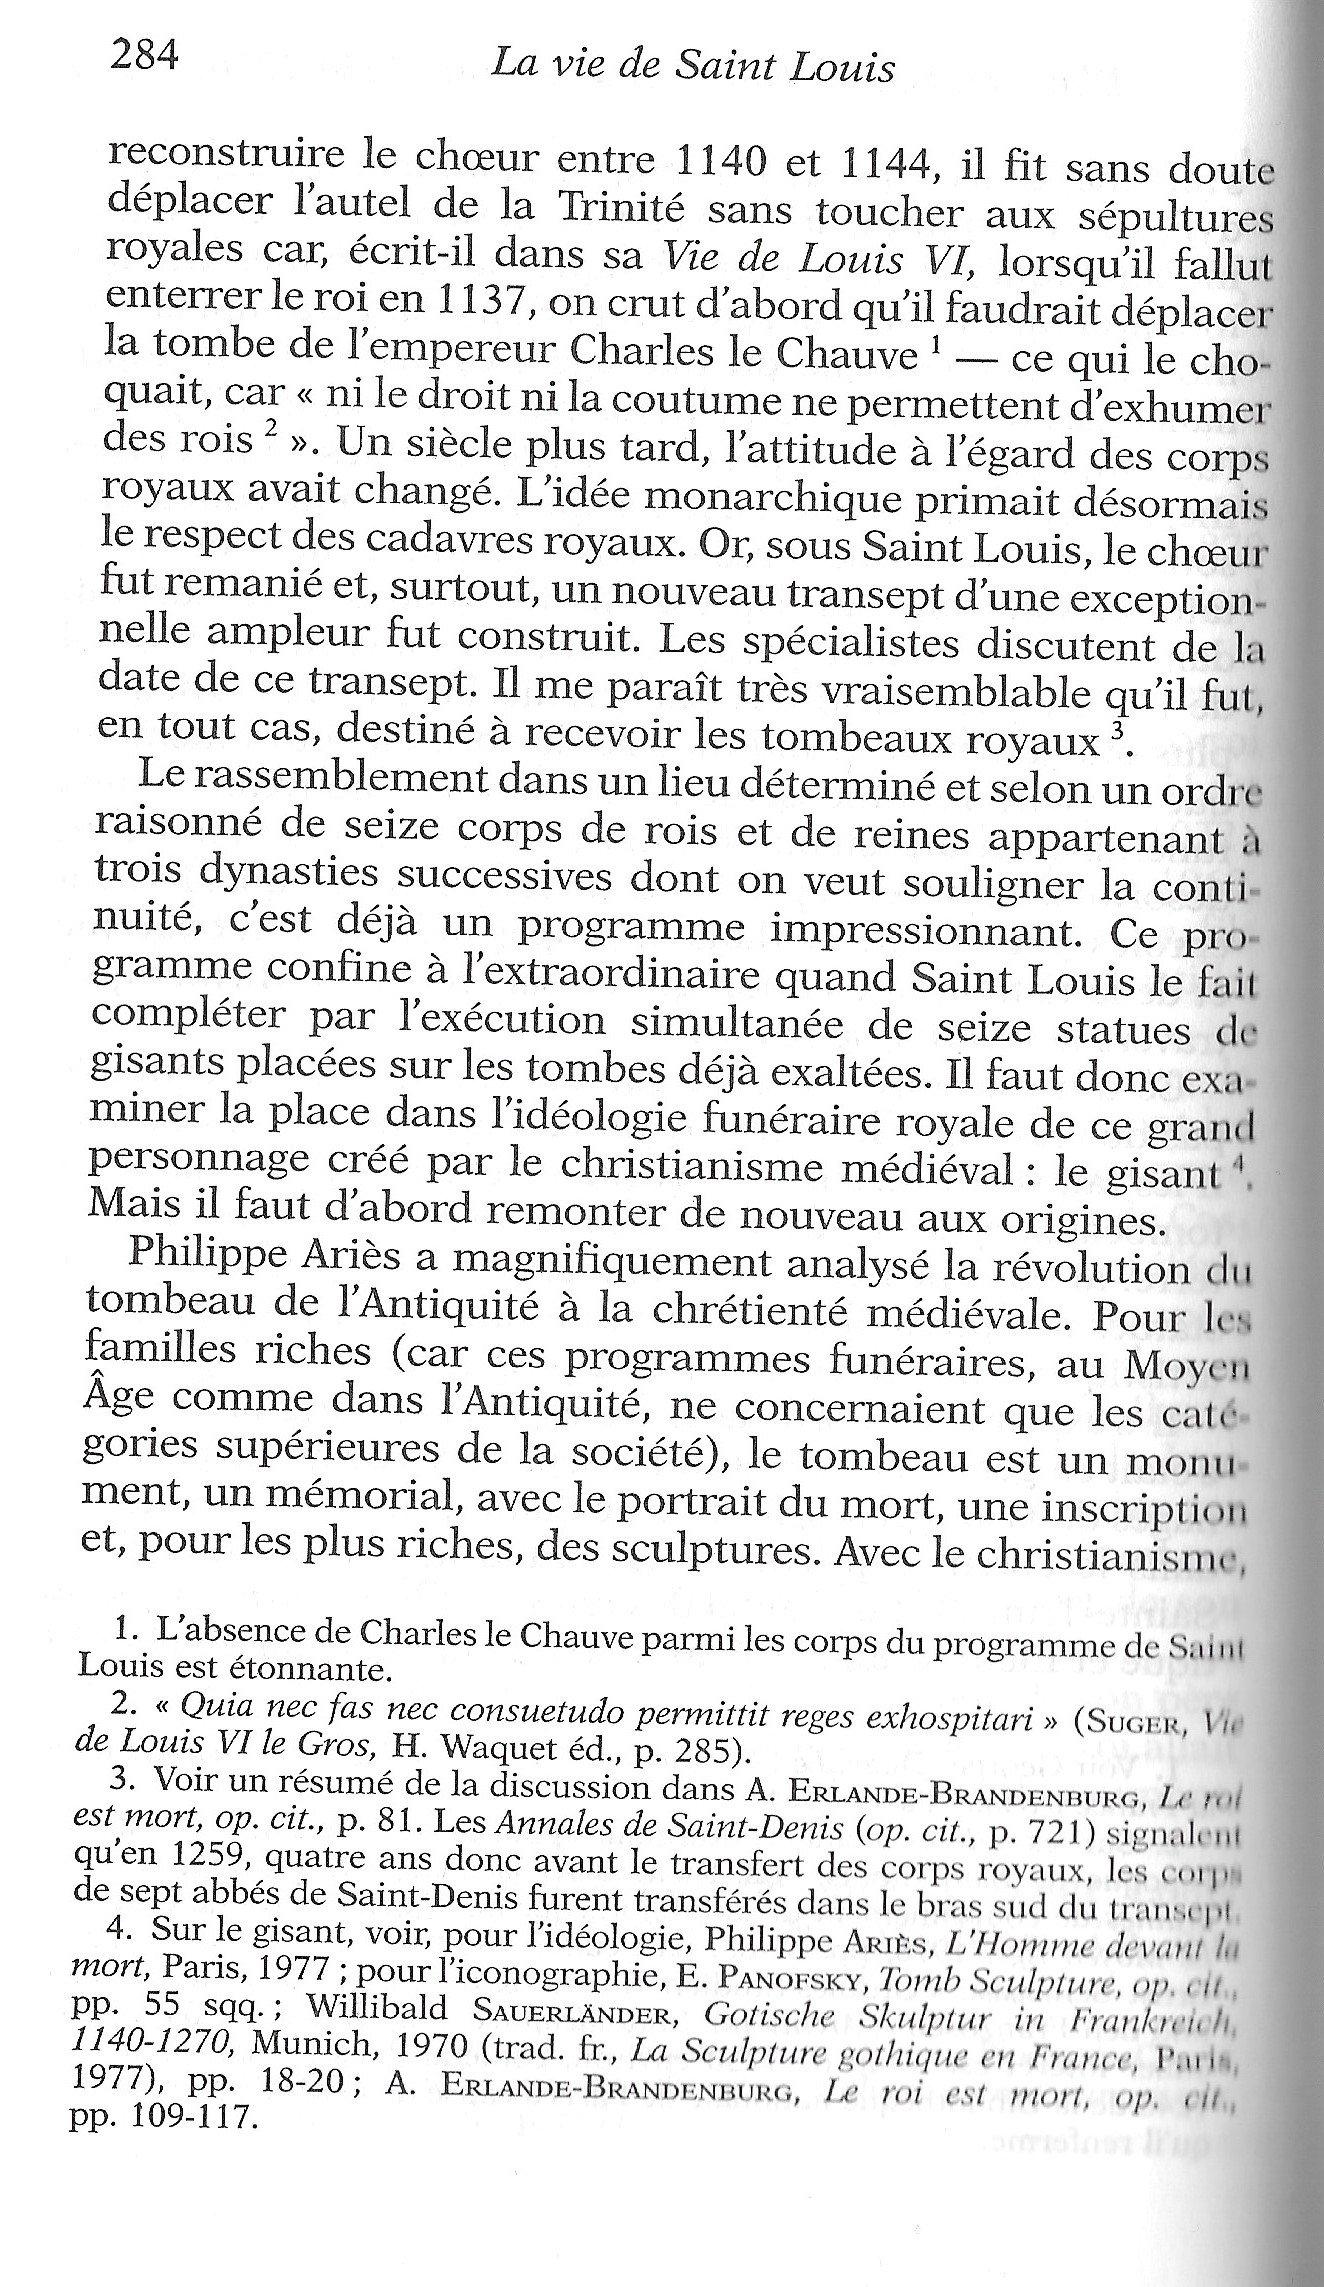 Louis IX (4)